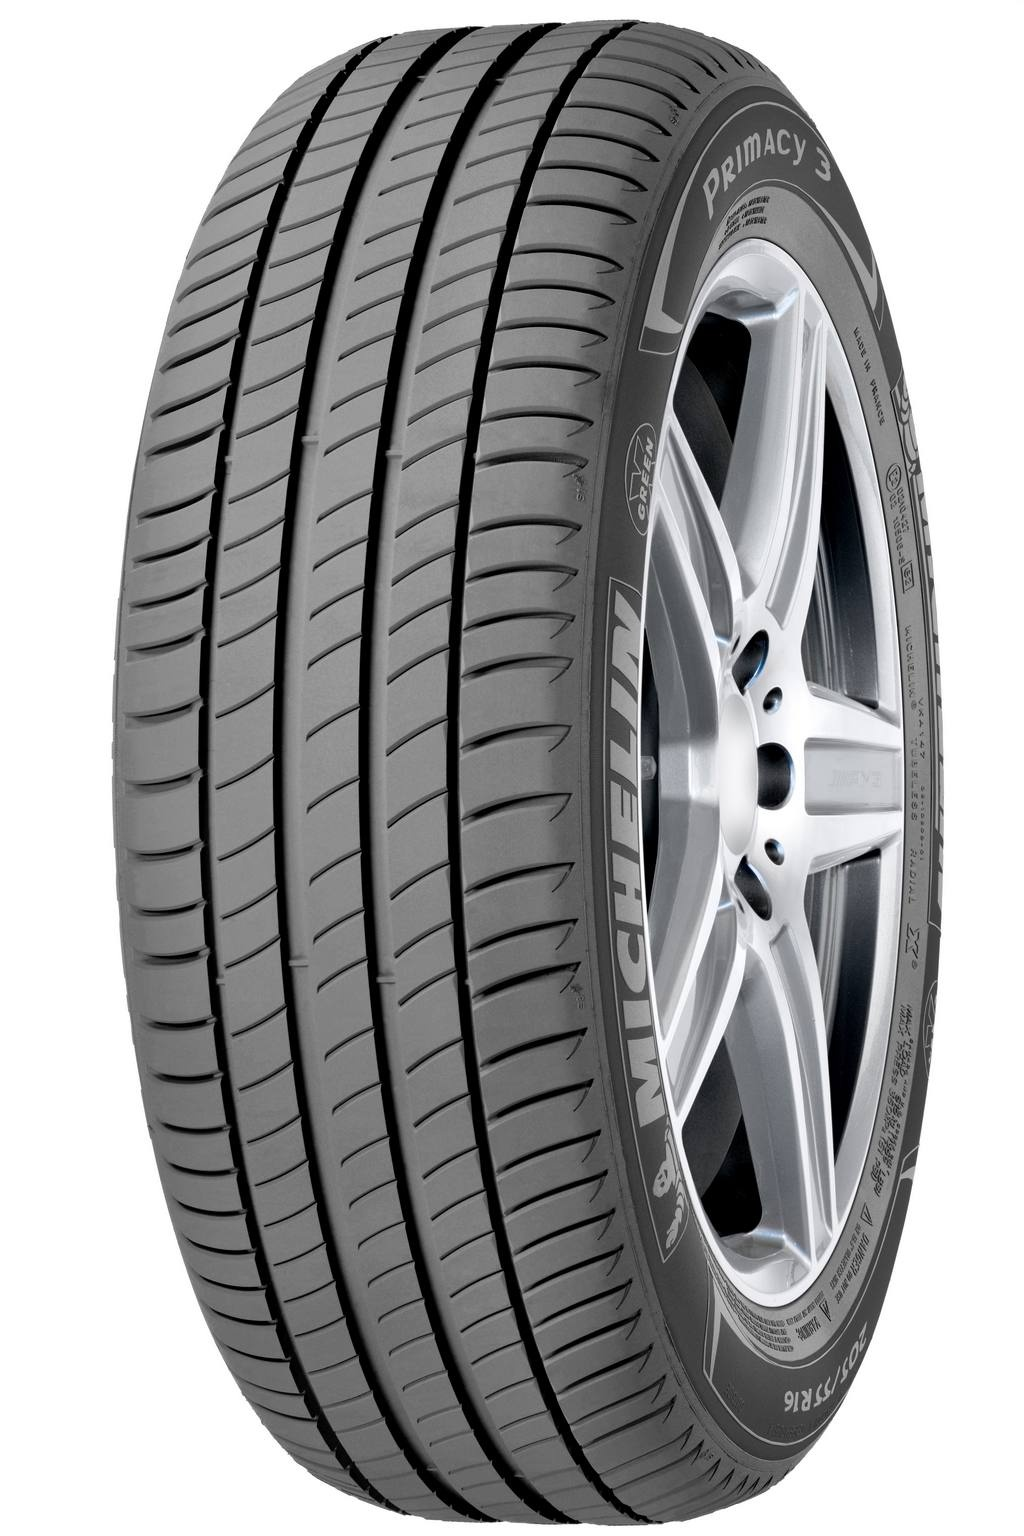 Michelin PRIMACY 3 AO 225/45 R17 91Y Osobní a SUV Letní